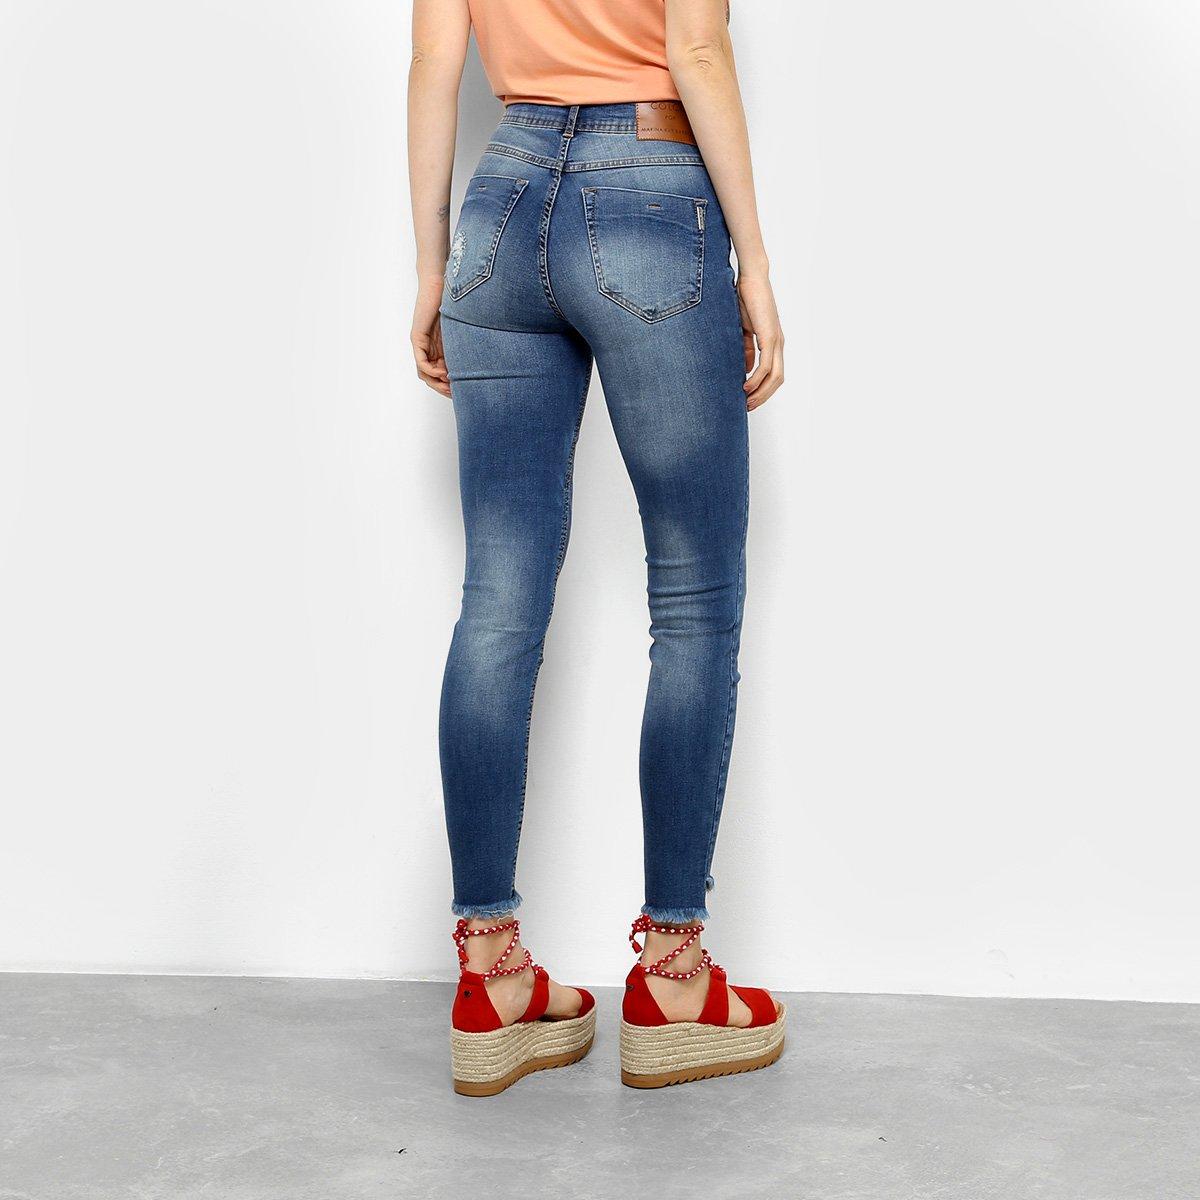 f97ab1d4f ... Foto 2 - Calça Jeans Cigarrete Colcci Bia Estonada Rasgos Cintura Alta  Feminina